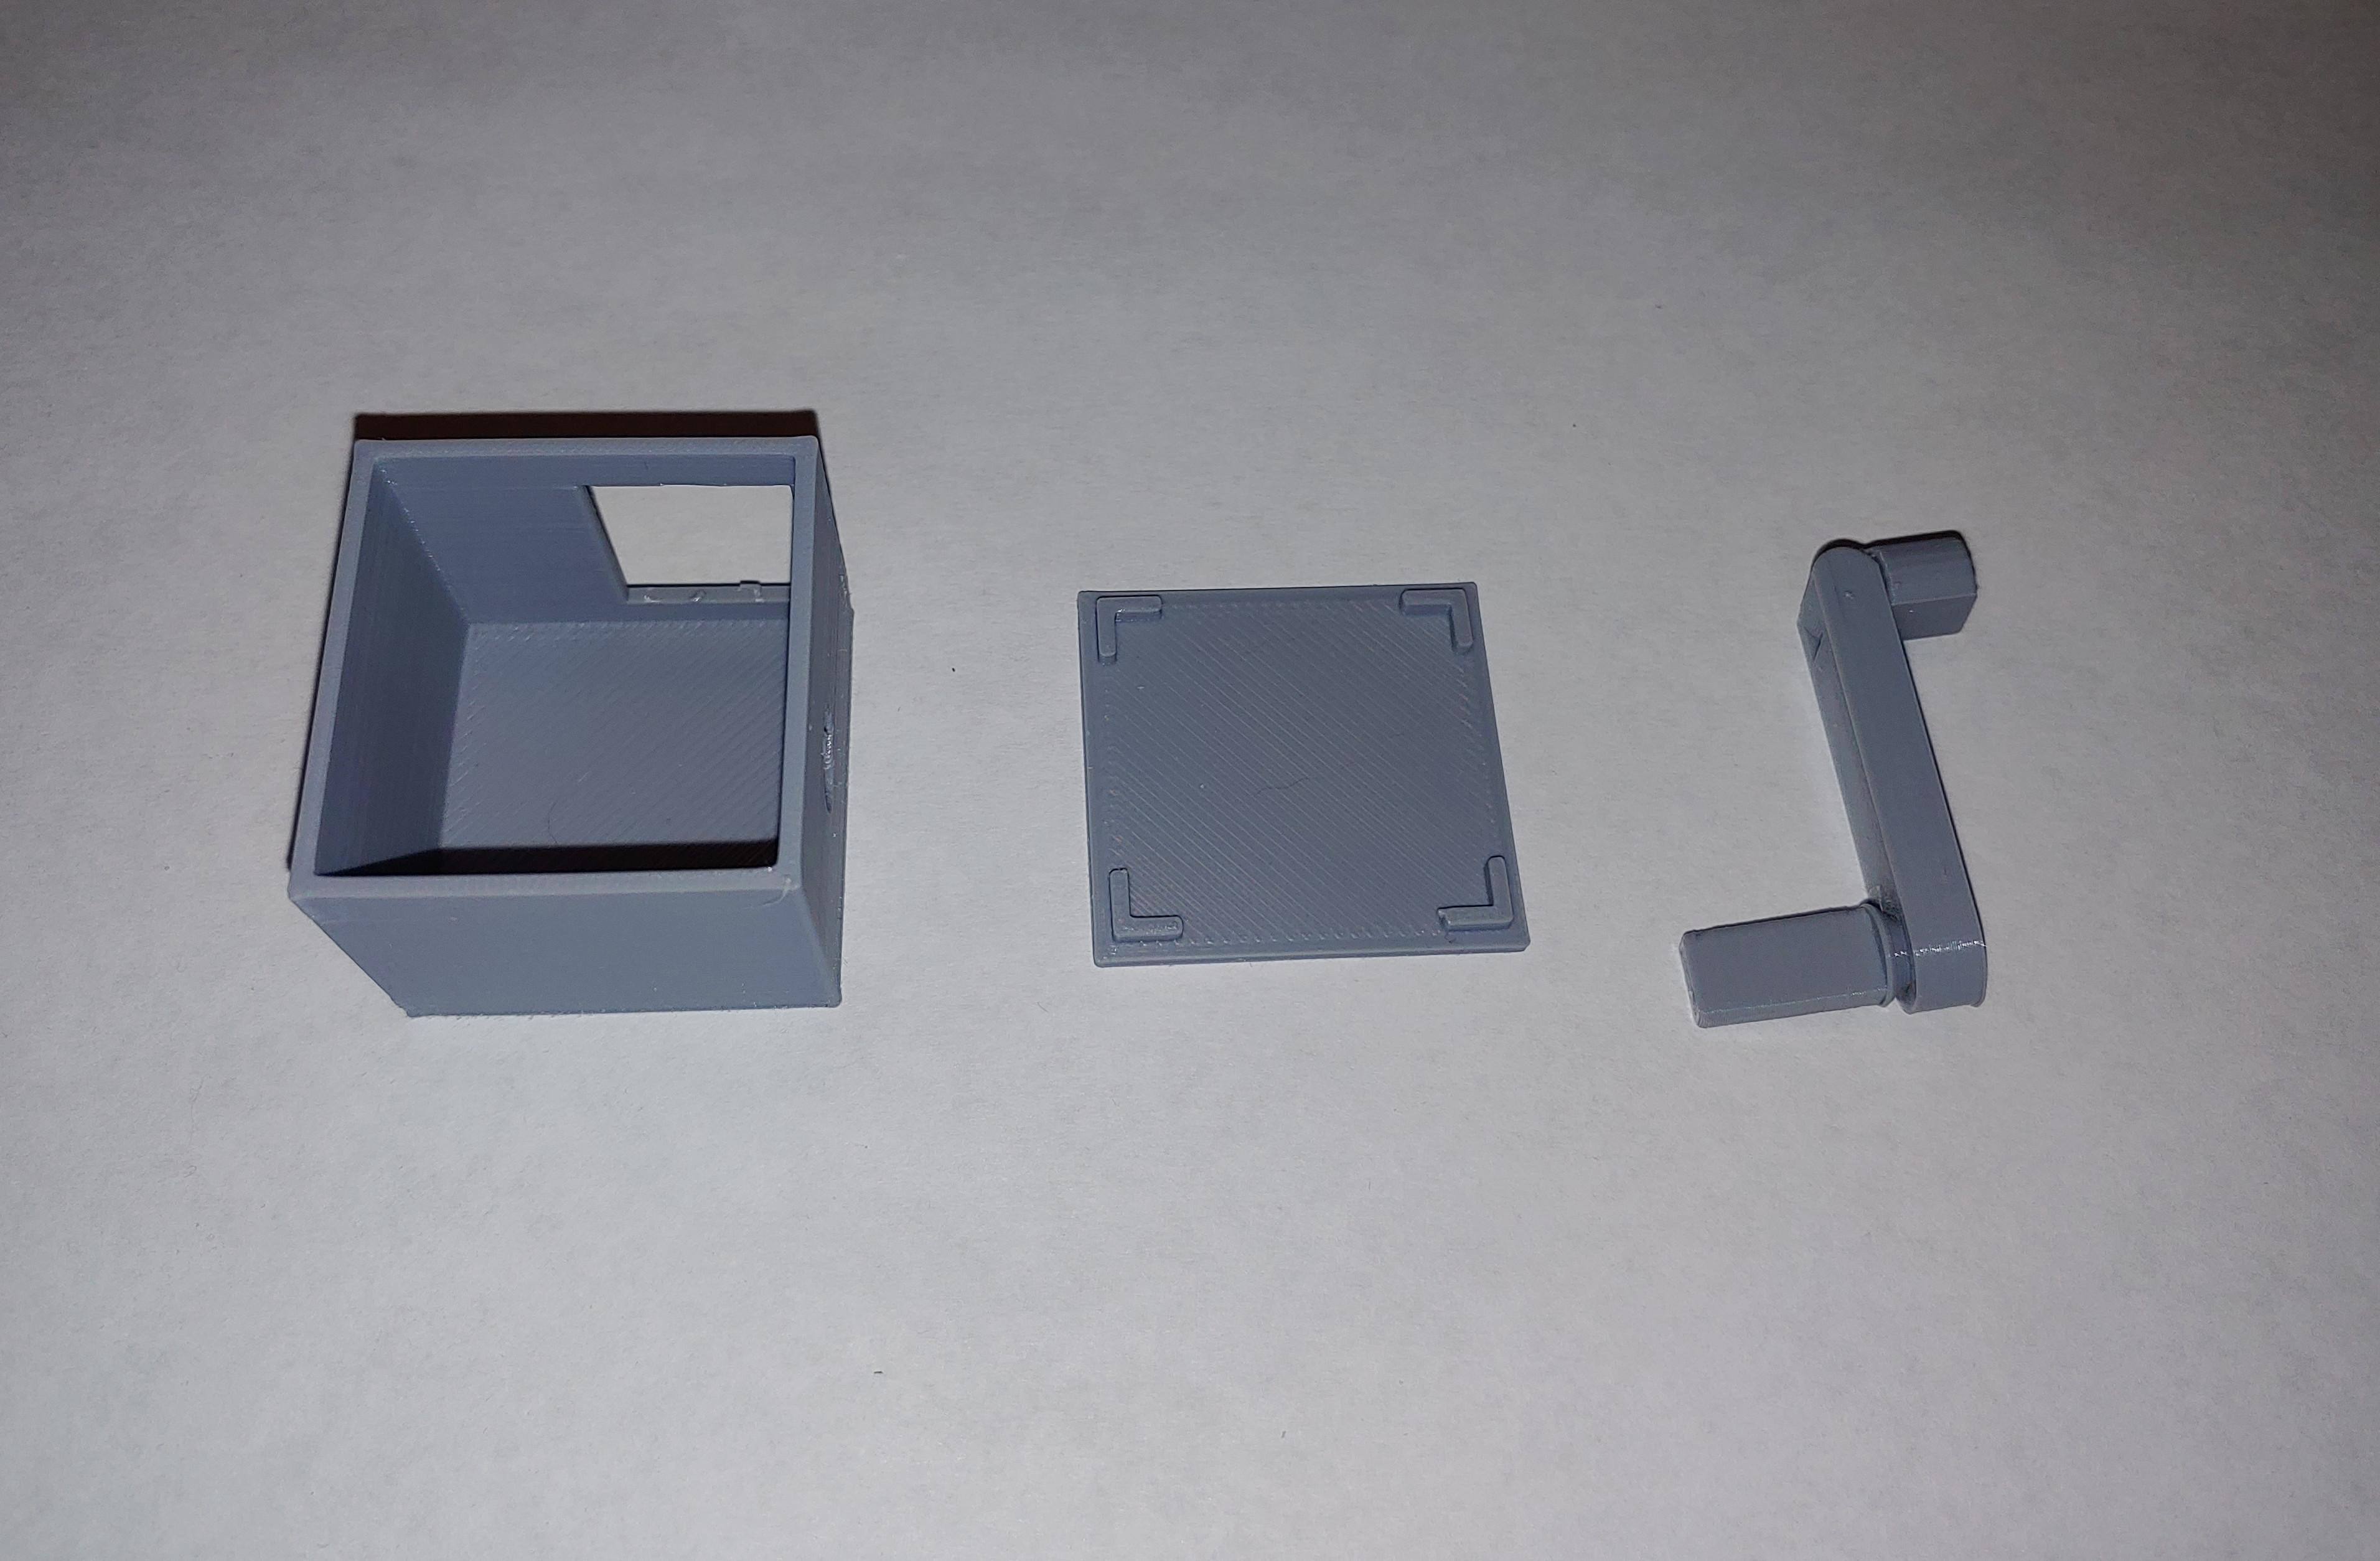 3d_printing_printed_parts.jpg